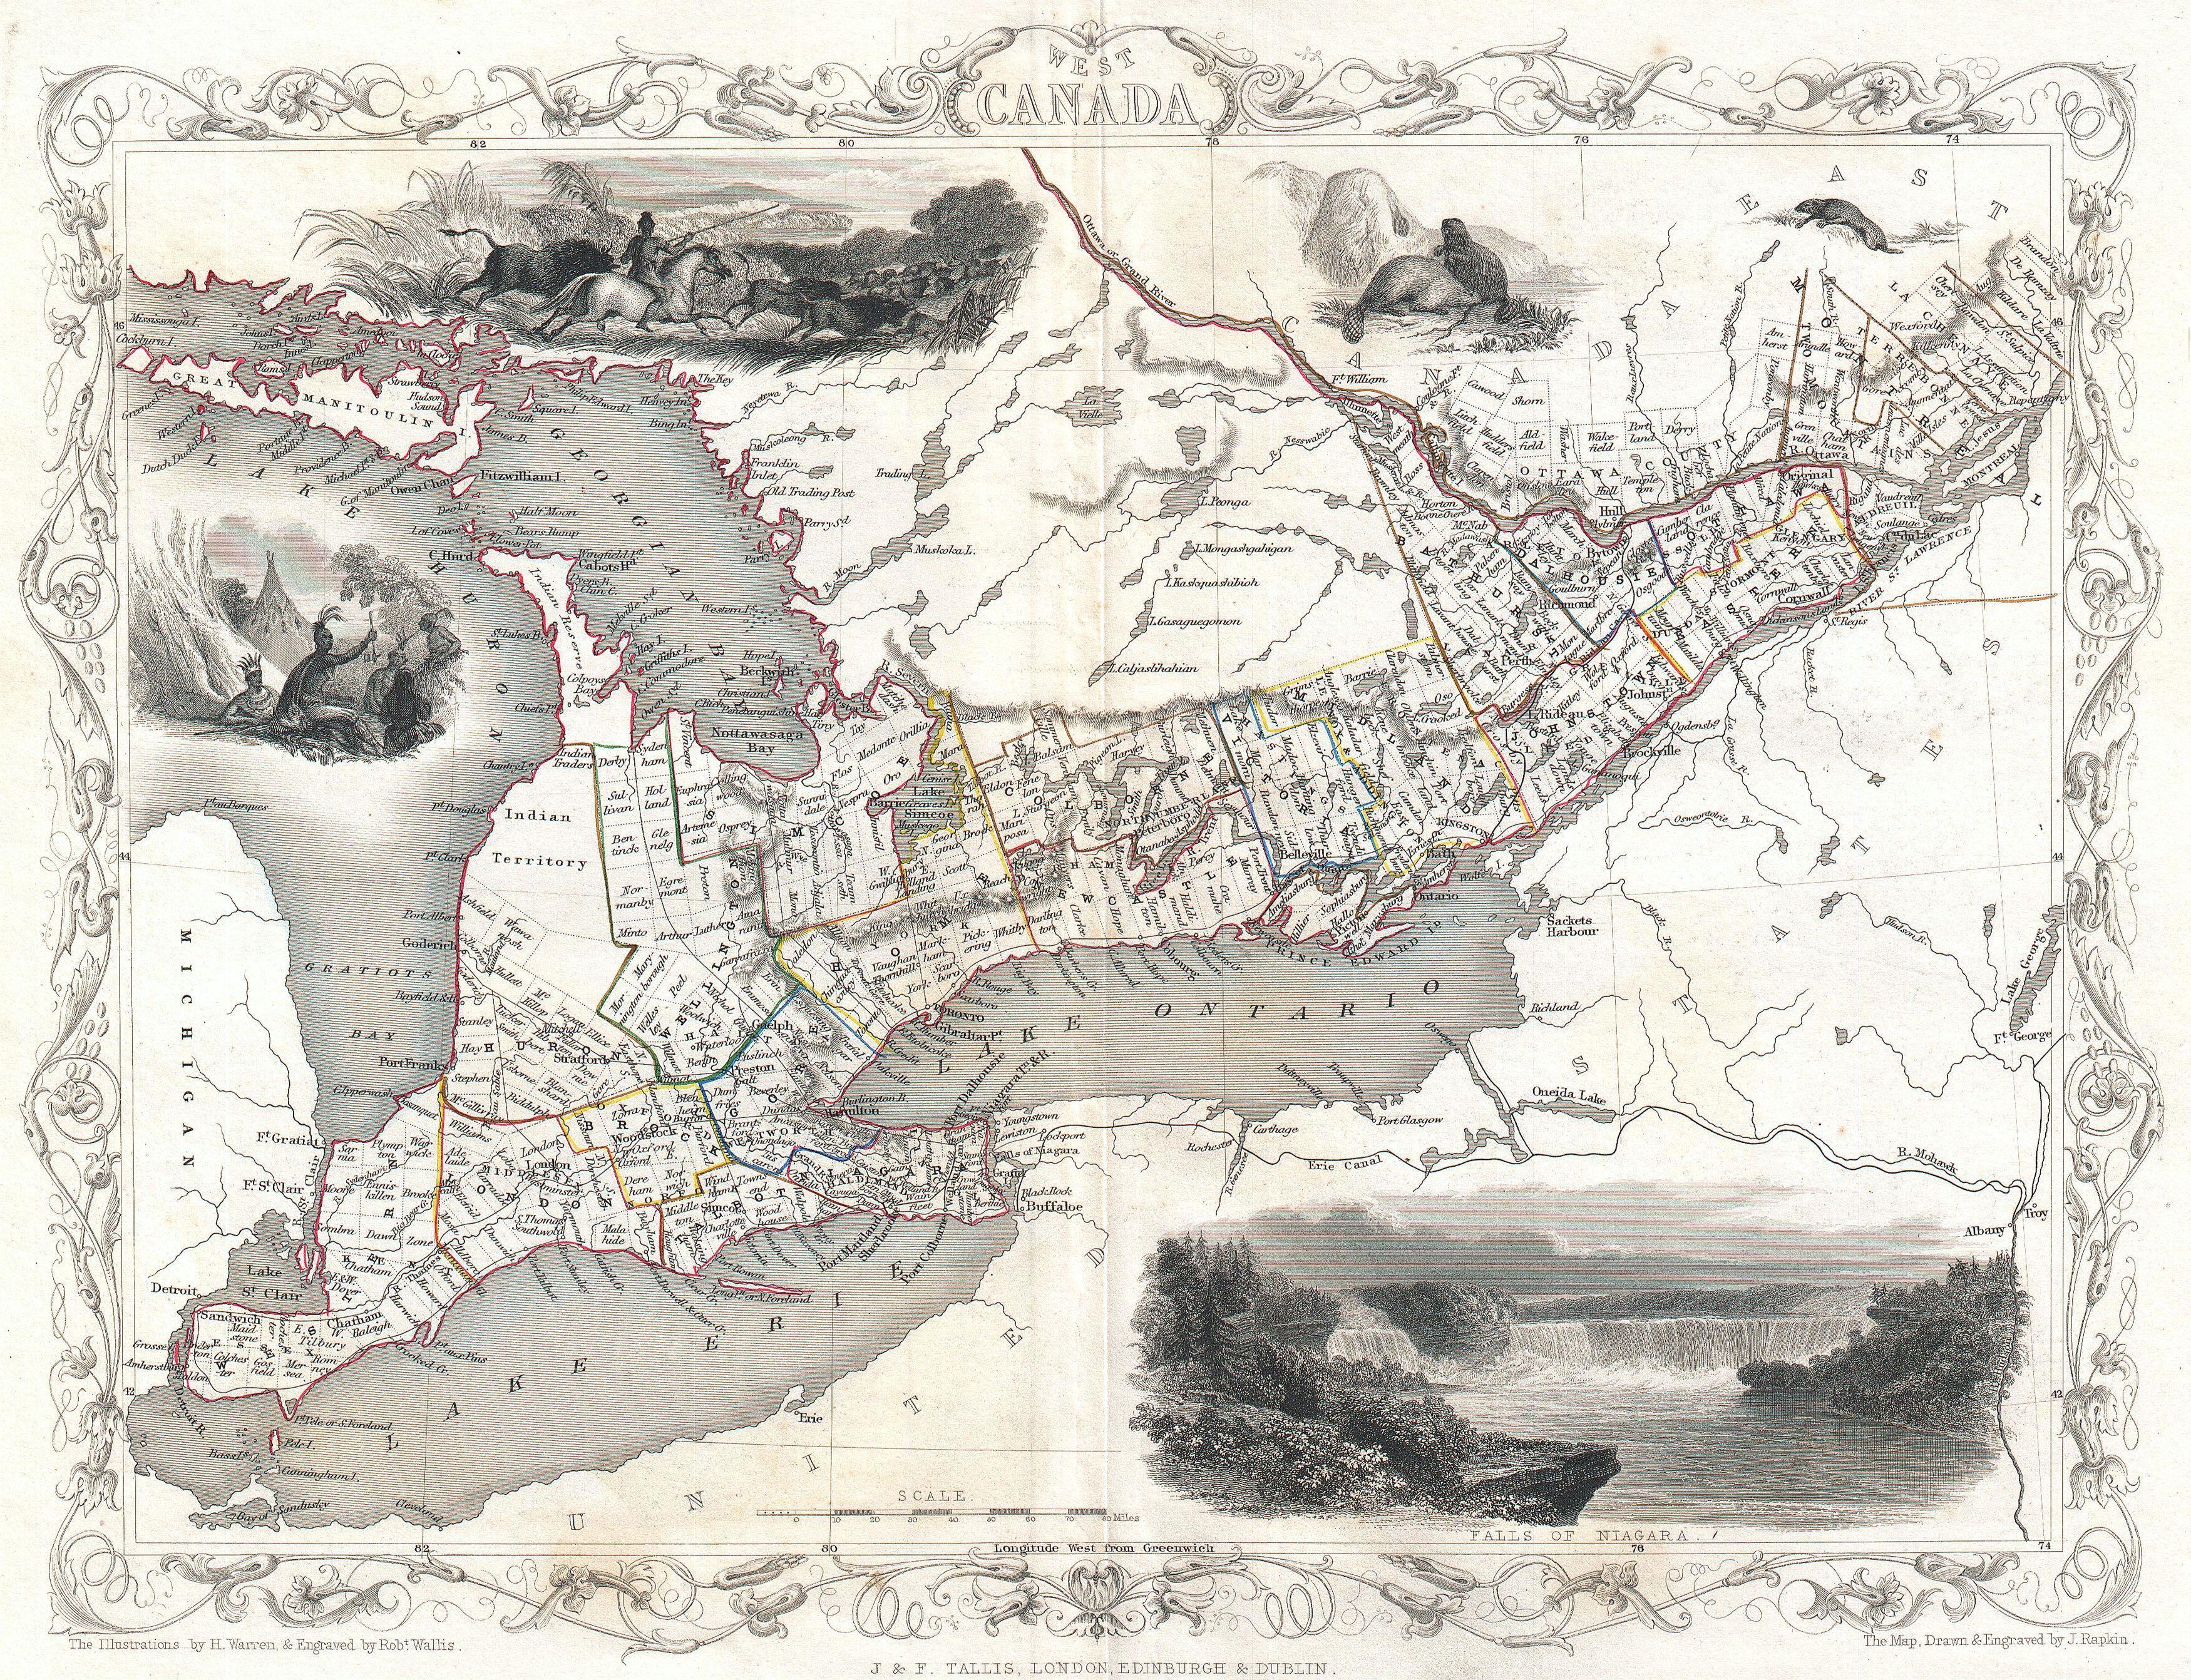 1850s BC